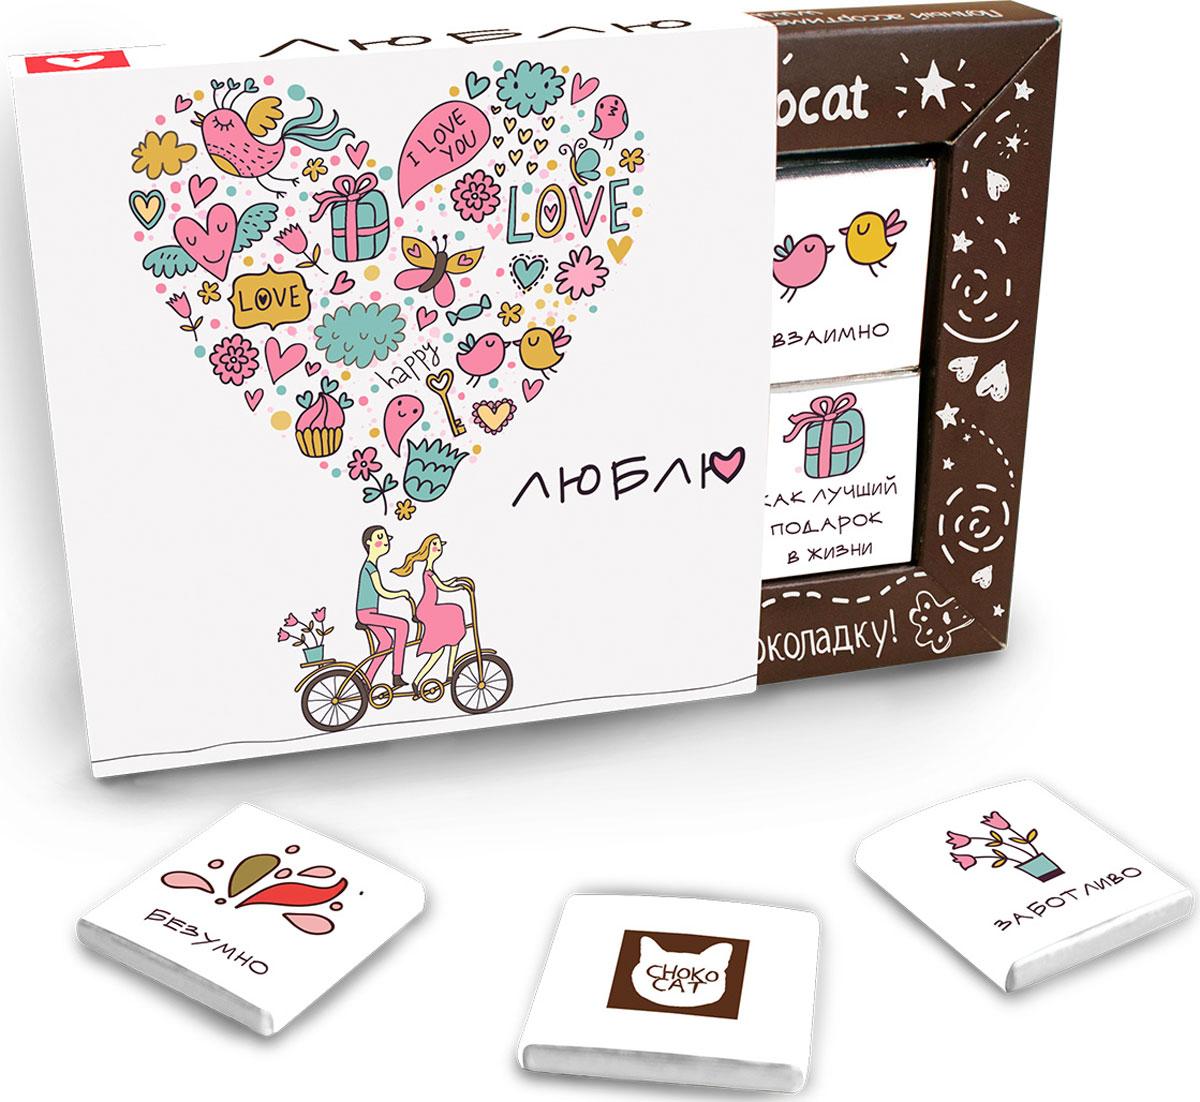 Chokocat Люблю молочный шоколад, 60 г chokocat с днем рождения темный шоколад 85 г